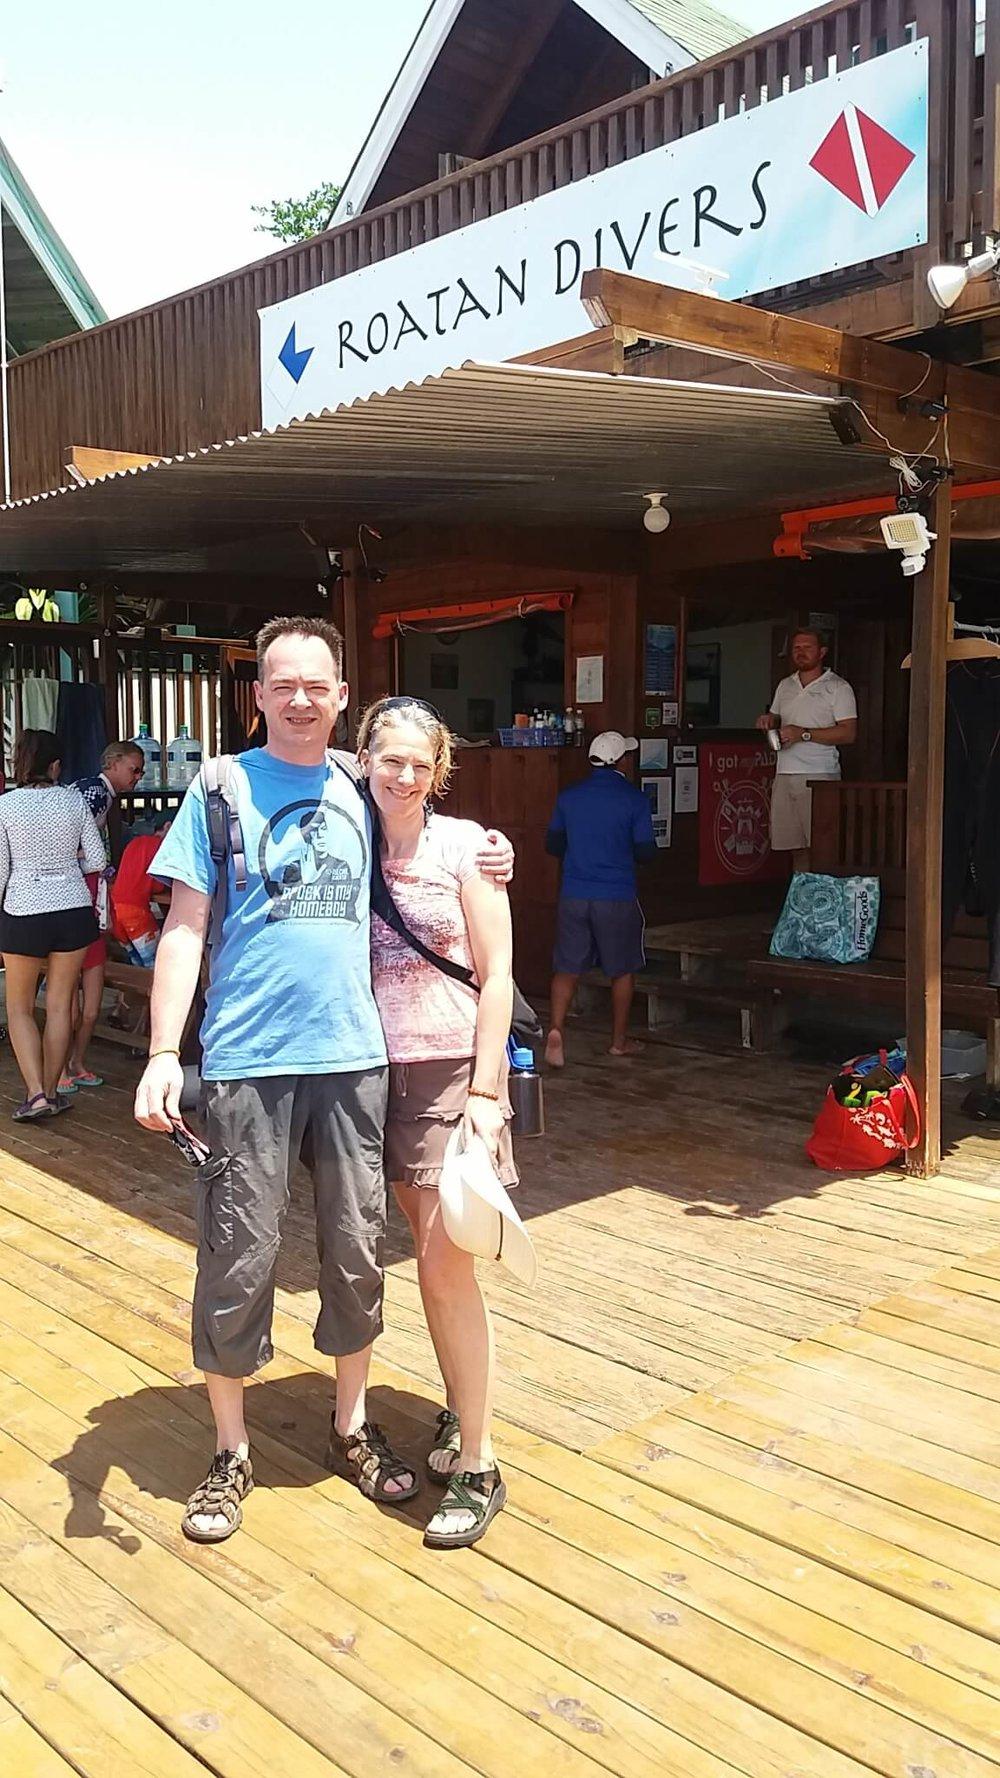 try PADI scuba diving Roatan Divers